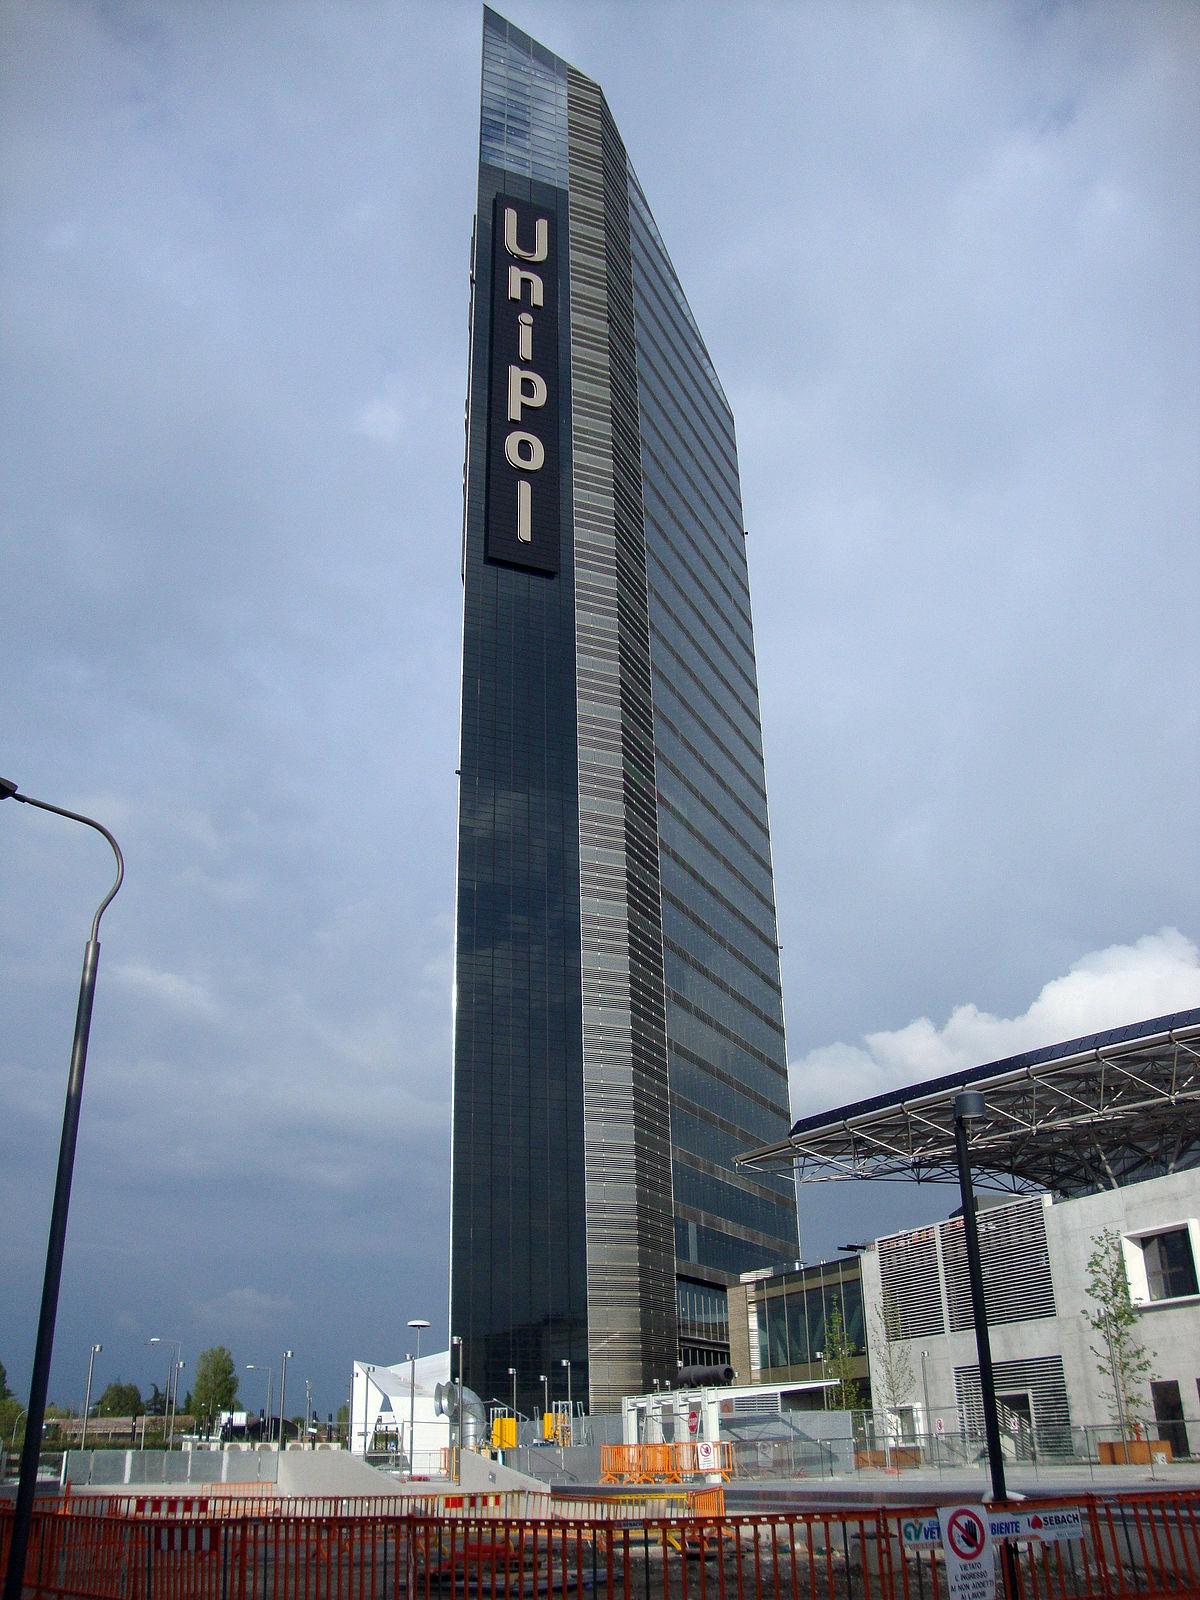 Unipol Tower Wikipedia